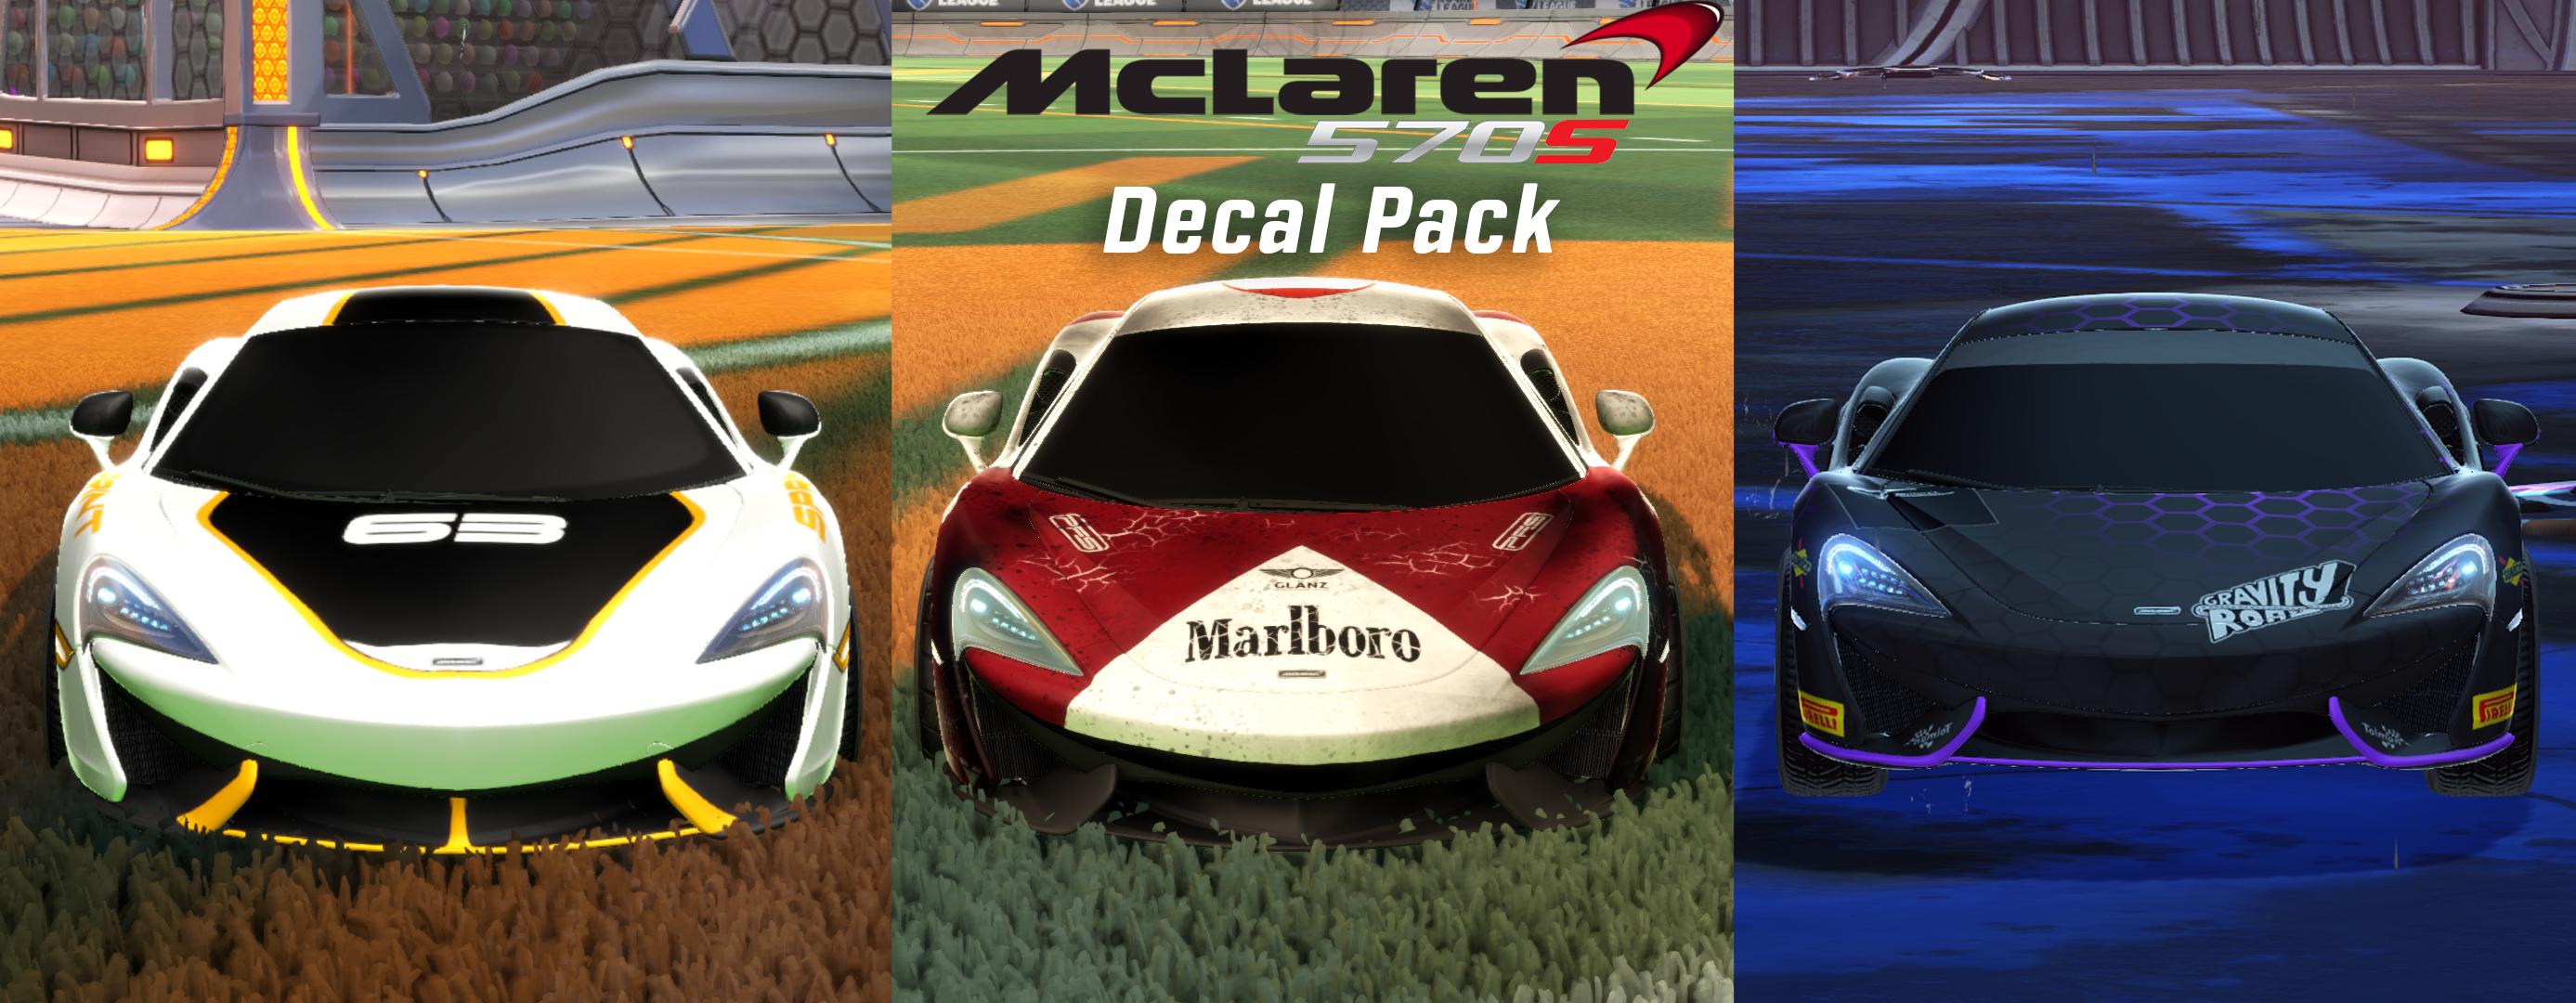 McLaren 570S Decal Pack